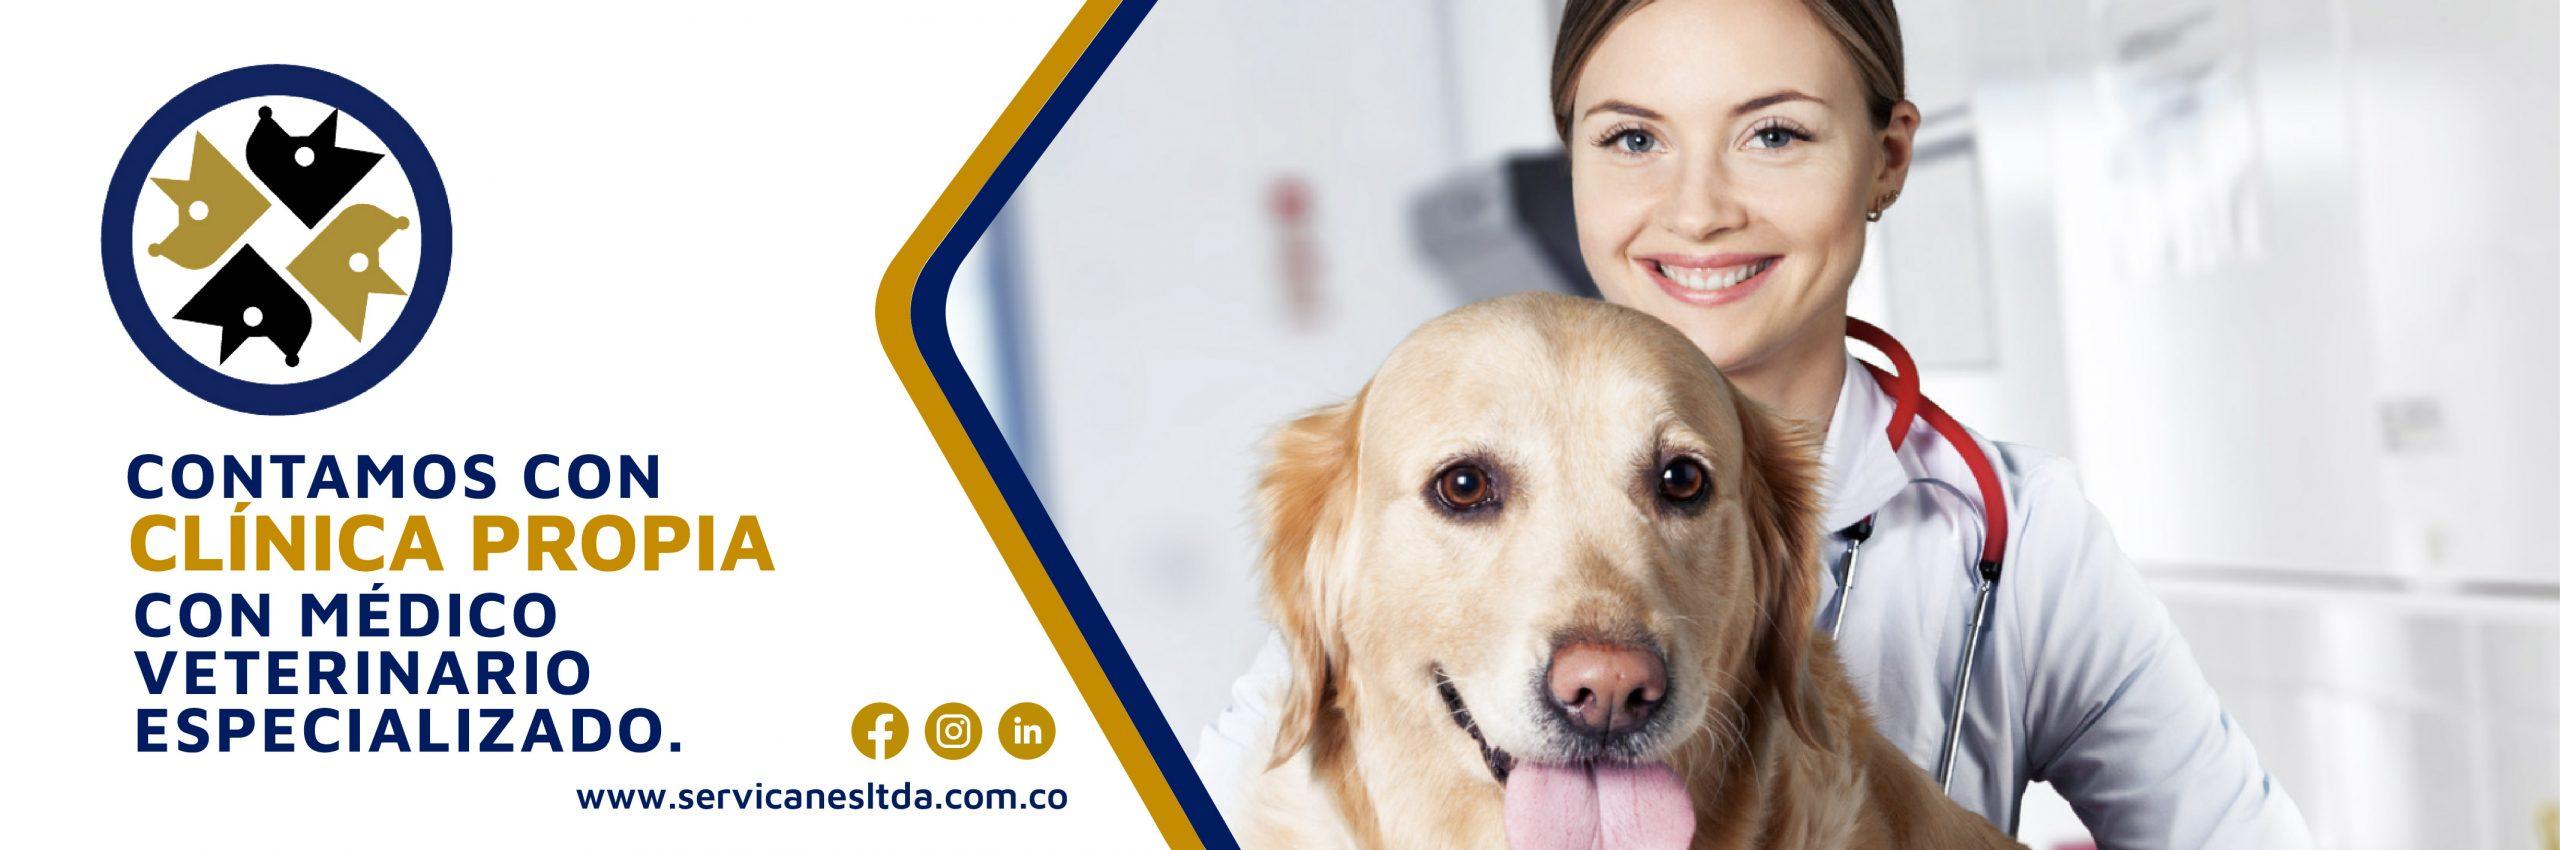 Servicanes cuenta con Clínica Propia y veterinario especializado